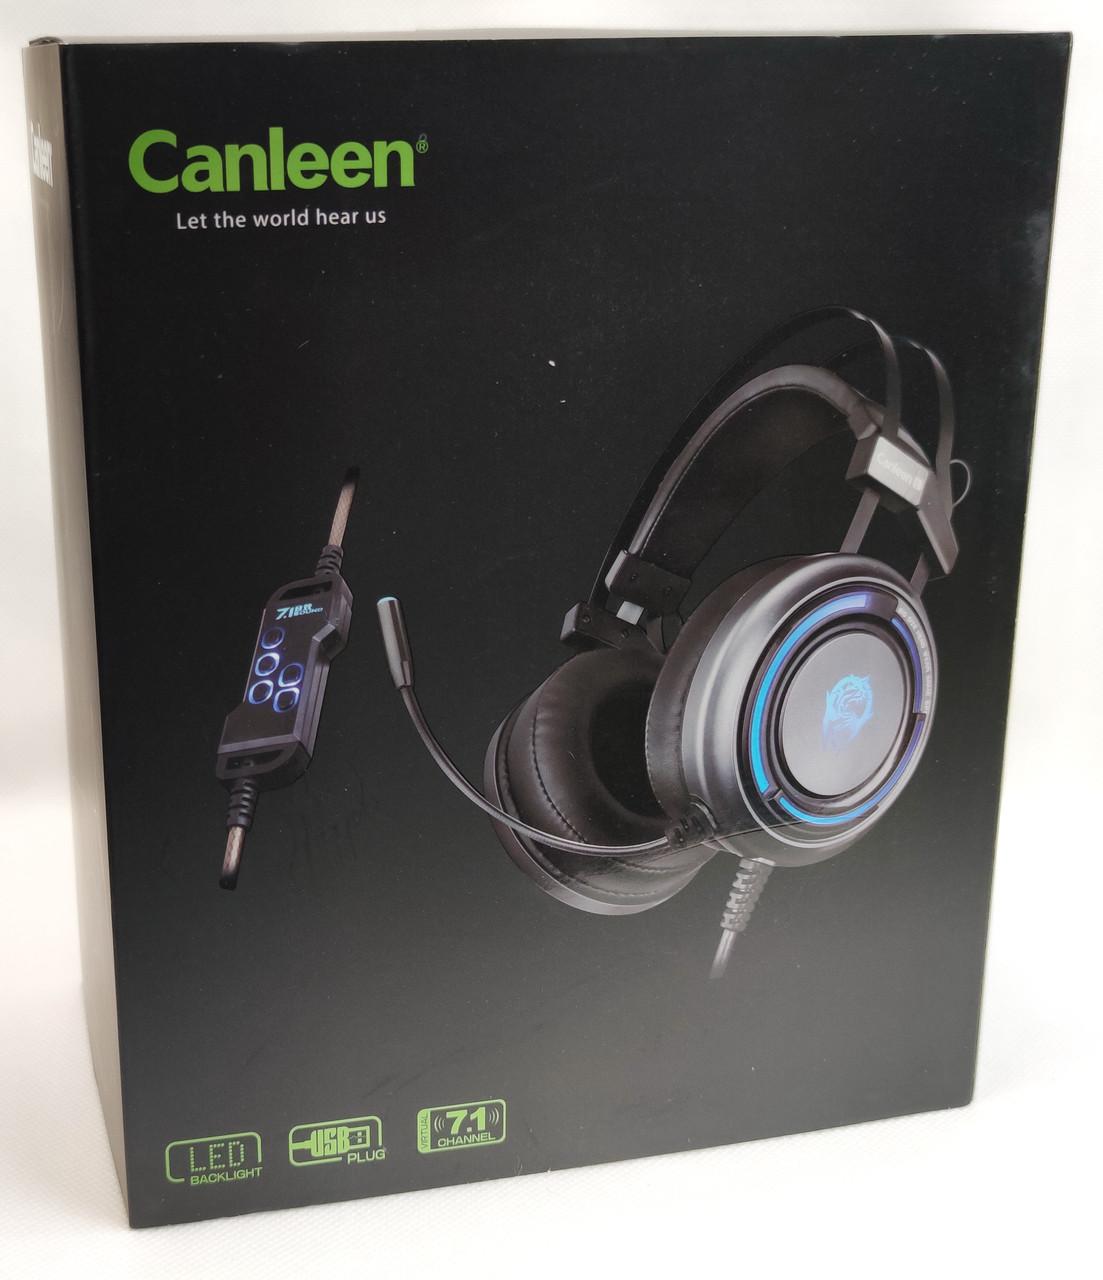 Игровые наушники с микрофоном LED подсветка USB геймерские для компьютера ПК игр черные звук 7.1 Canleen K28U